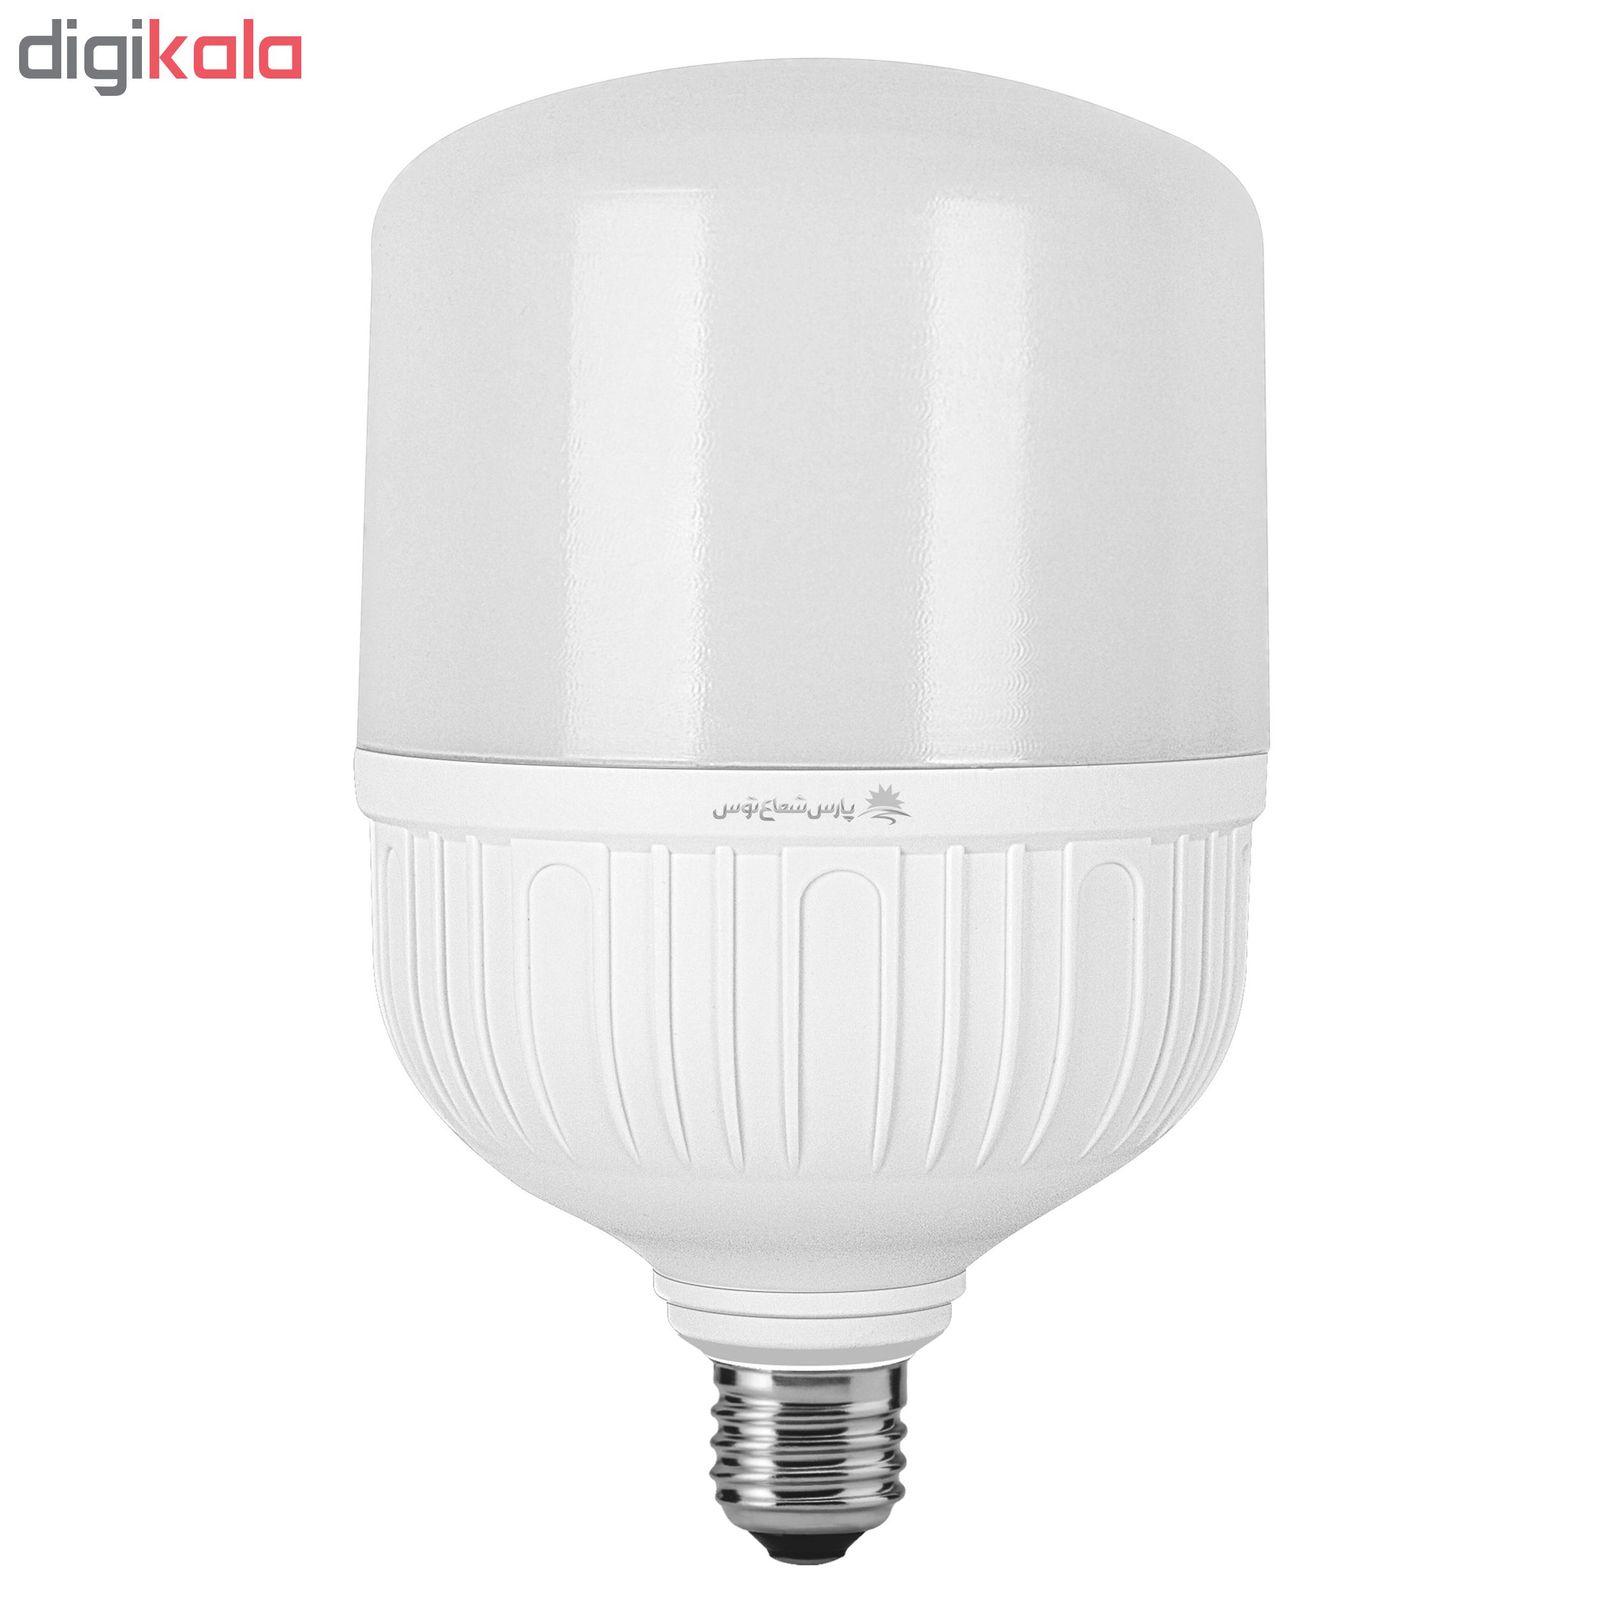 لامپ ال ای دی 40 وات پارس شعاع توس مدل CY40 پایه E27 main 1 1